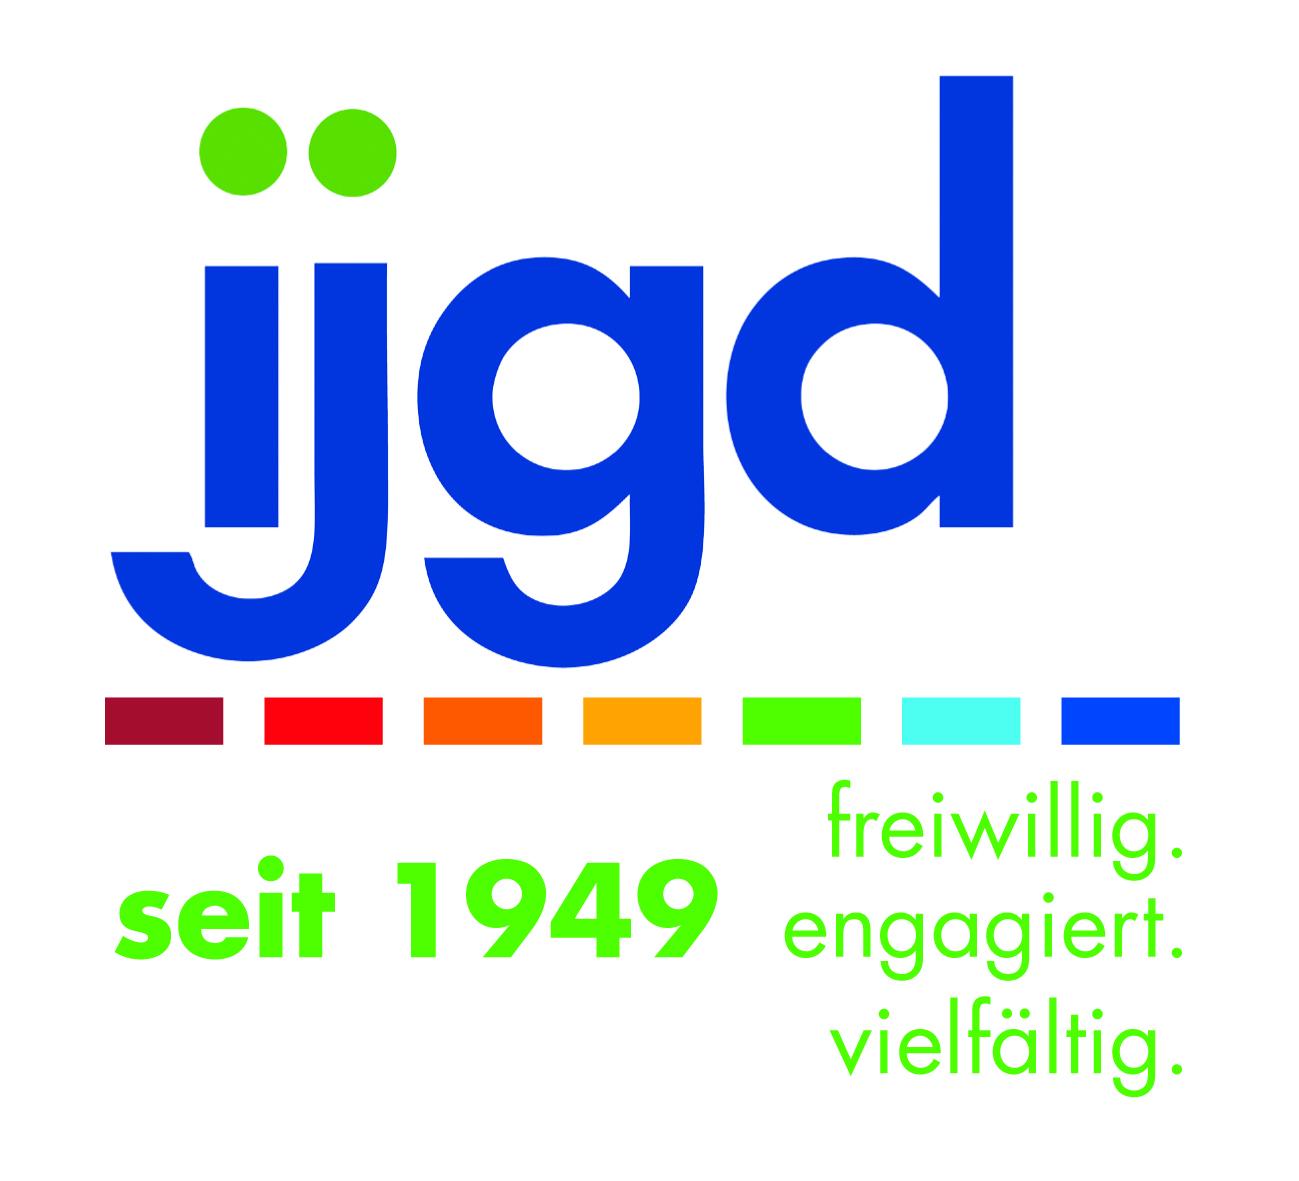 ijgd Hildesheim - clean up! (Niedersachsen)